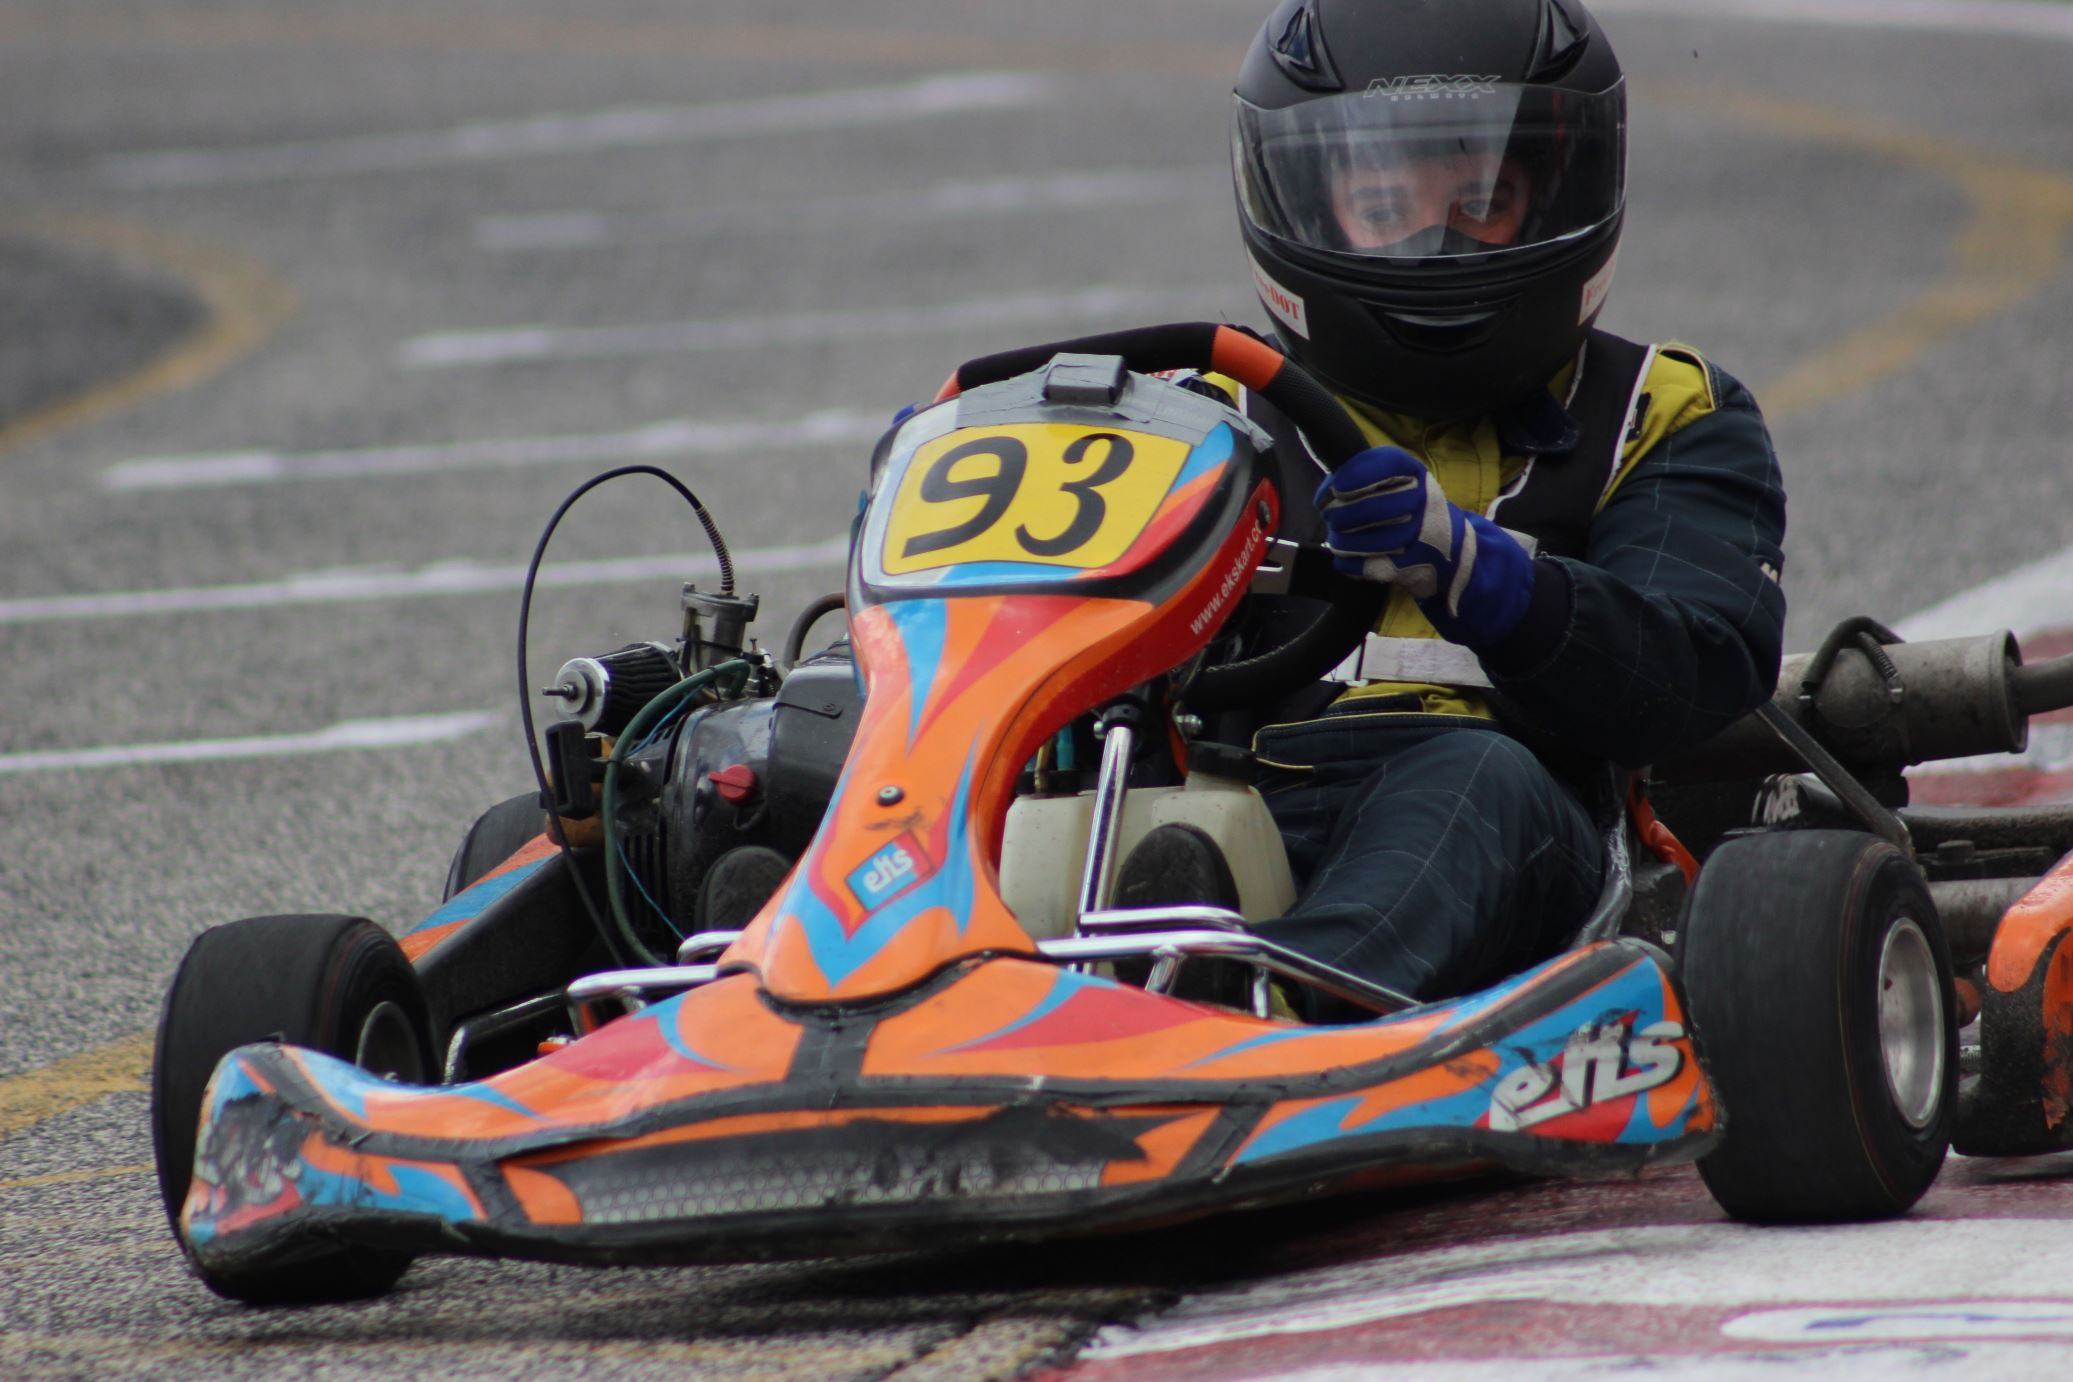 Troféu Honda 2014 - 2ª Prova175